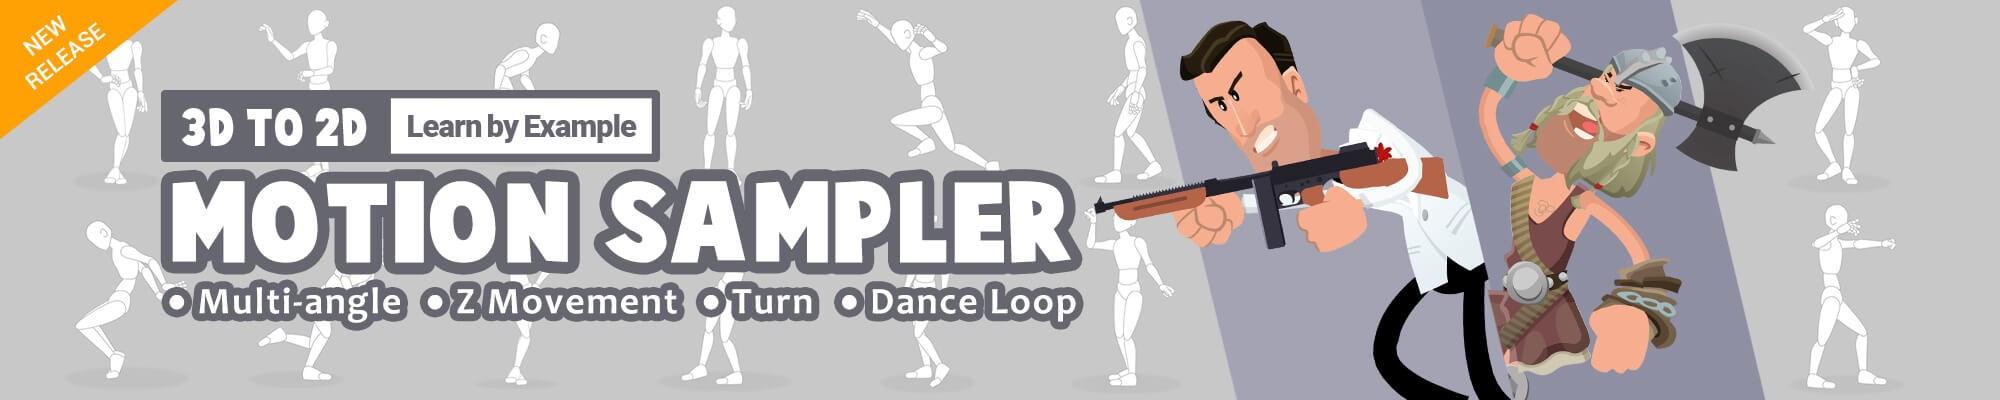 CTA - 3D to 2D Motion Sampler Pack